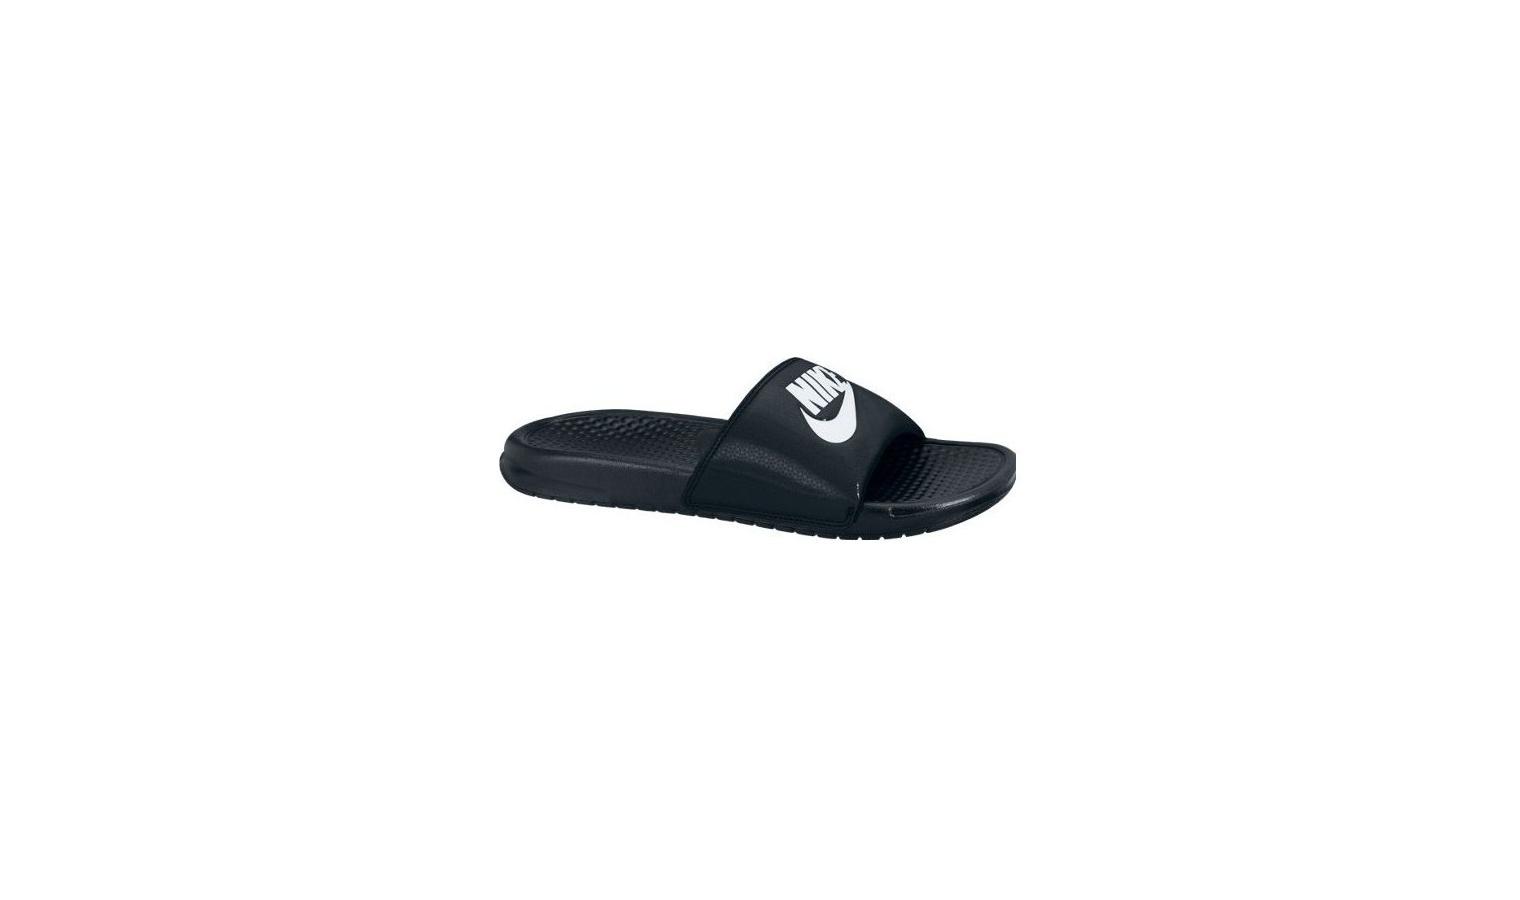 Pánské pantofle Nike BENASSI JDI černé  636da74160